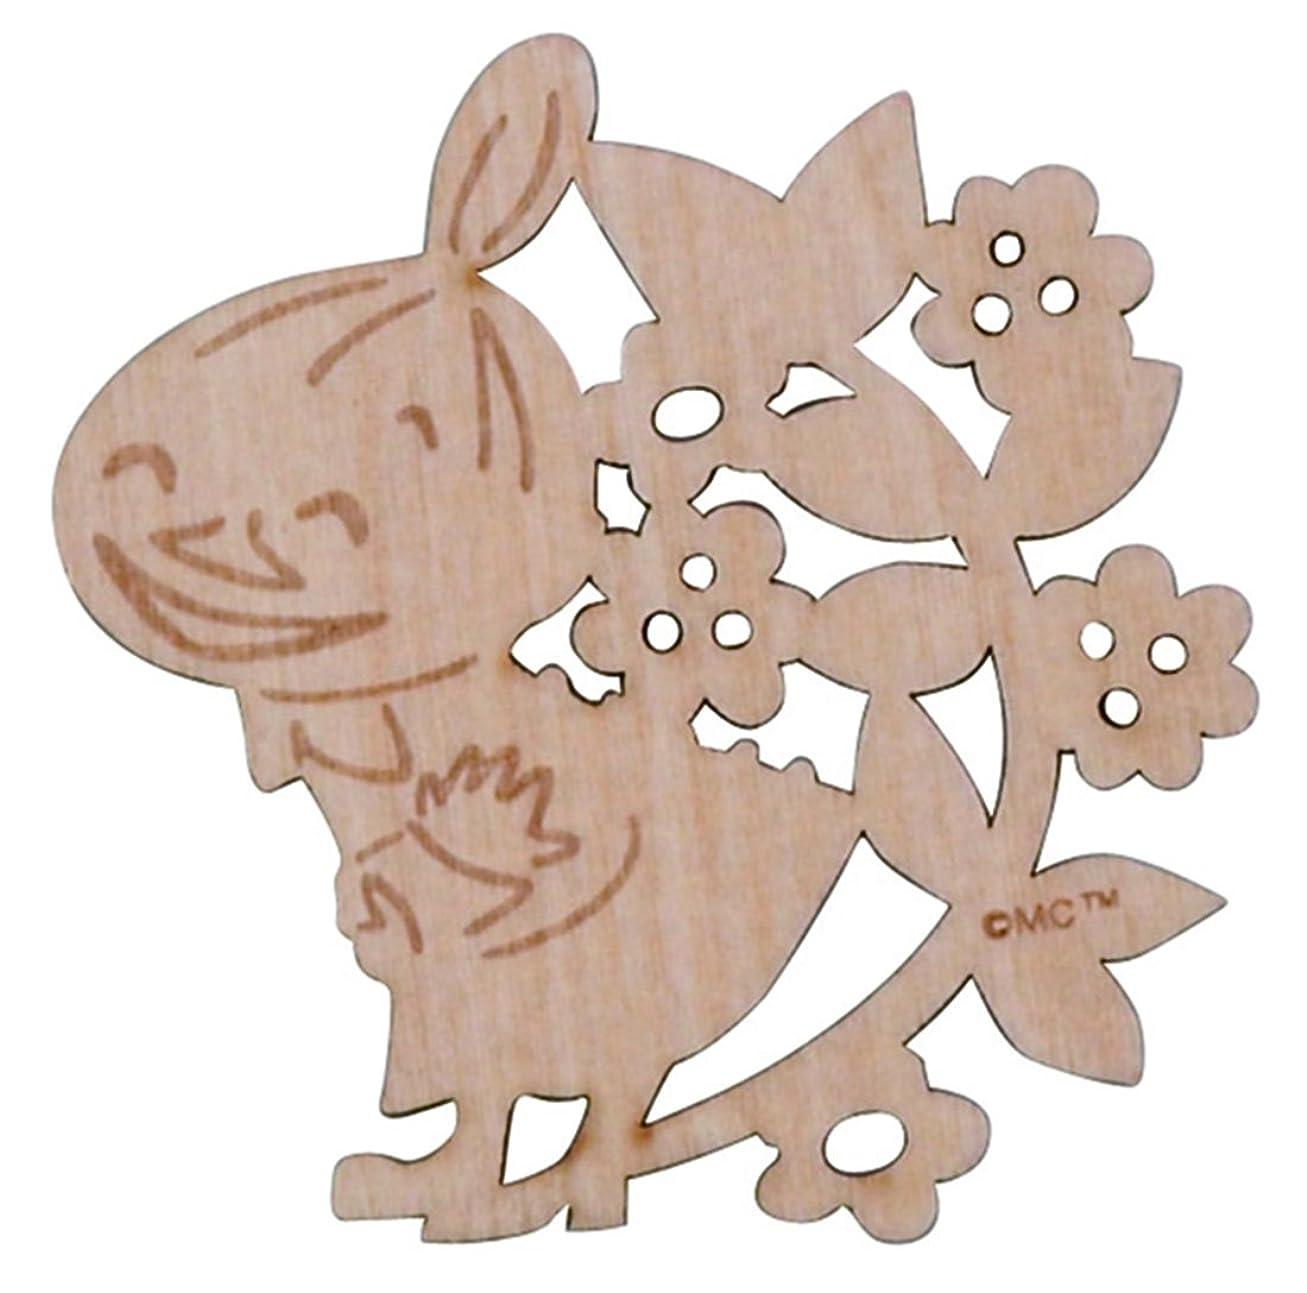 混乱させるぺディカブ懇願するMOOMIN (ムーミン) フローリット 木製 コースター リトルミイ柄 MM962-346